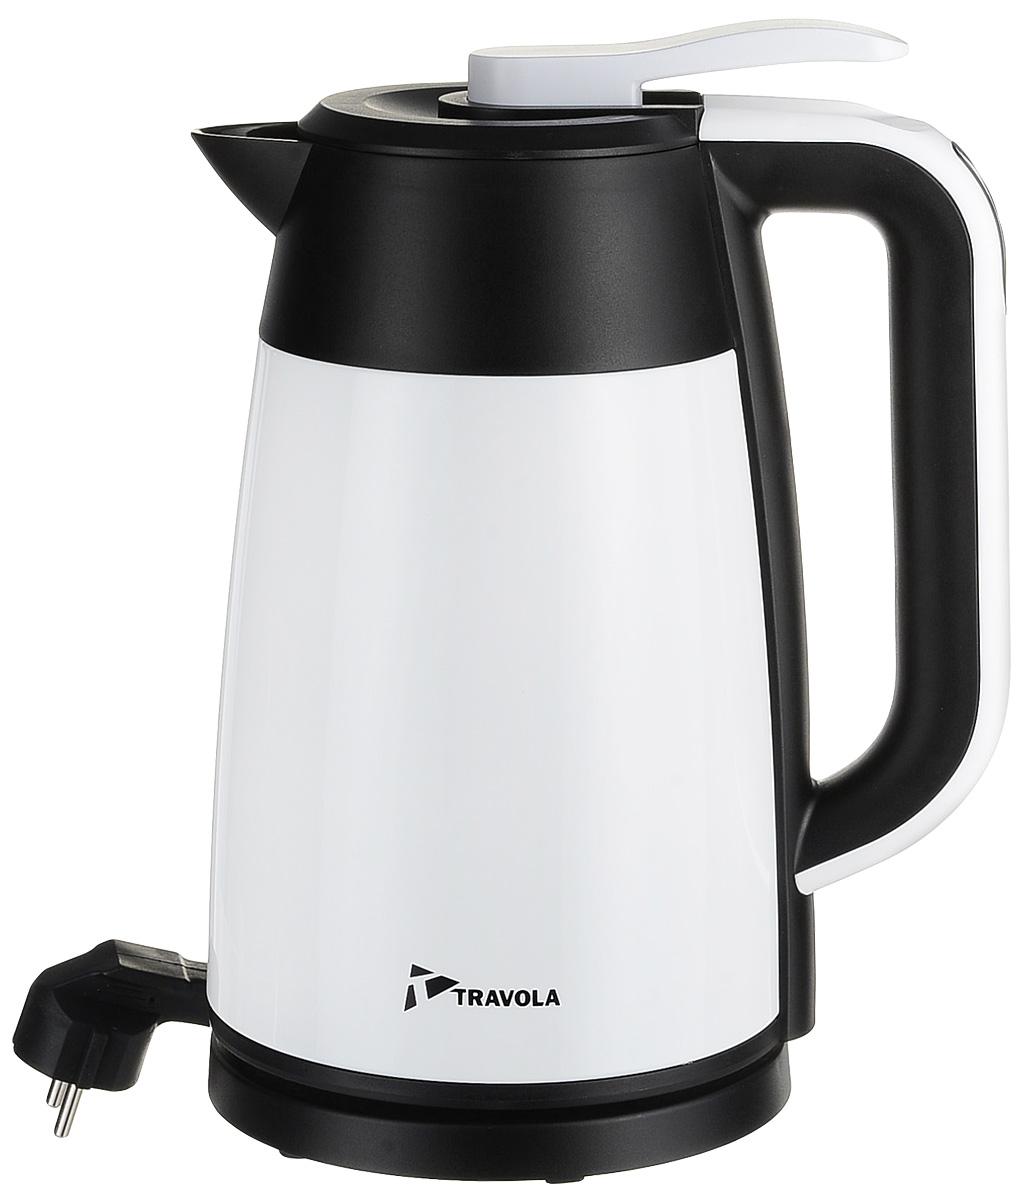 Travola 1700-3A чайник электрический с функцией поддержания теплаHEK-1700-3AЭлектрический чайник с функцией поддержания тепла Travola HEK-1700-3A прост в управлении и долговечен в использовании. Изготовлен из высококачественных материалов. Мощность 2200 Вт позволит вскипятить 1,7 литра воды в считанные минуты. Беспроводное соединение позволяет вращать чайник на подставке на 360°. Для обеспечения безопасности при повседневном использовании предусмотрена функция автовыключения.Световой индикатор температуры на ручкеПоддержание тепла: 2 часа - 80°С, 4 часа - 68°С